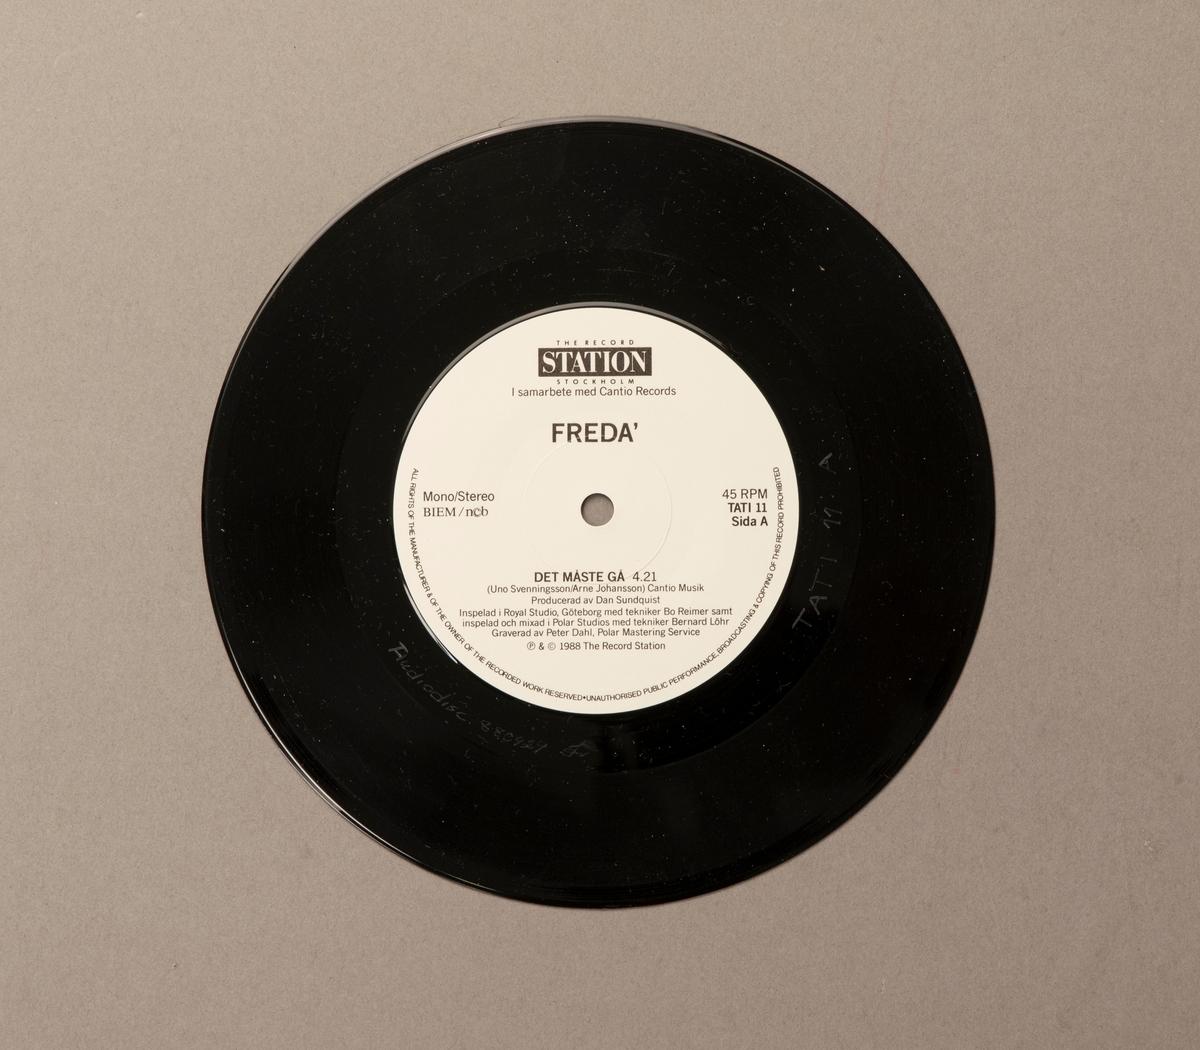 Singel-skiva av svart vinyl med vit pappersetikett, i omslag av papper. Framsidan av omslaget har ett färgfotografi av gruppen.  Innehåll Sida A: Det måste gå Sida B: Skrattet mitt i gråten  JM 55207:1, Skiva JM 55207:2, Omslag